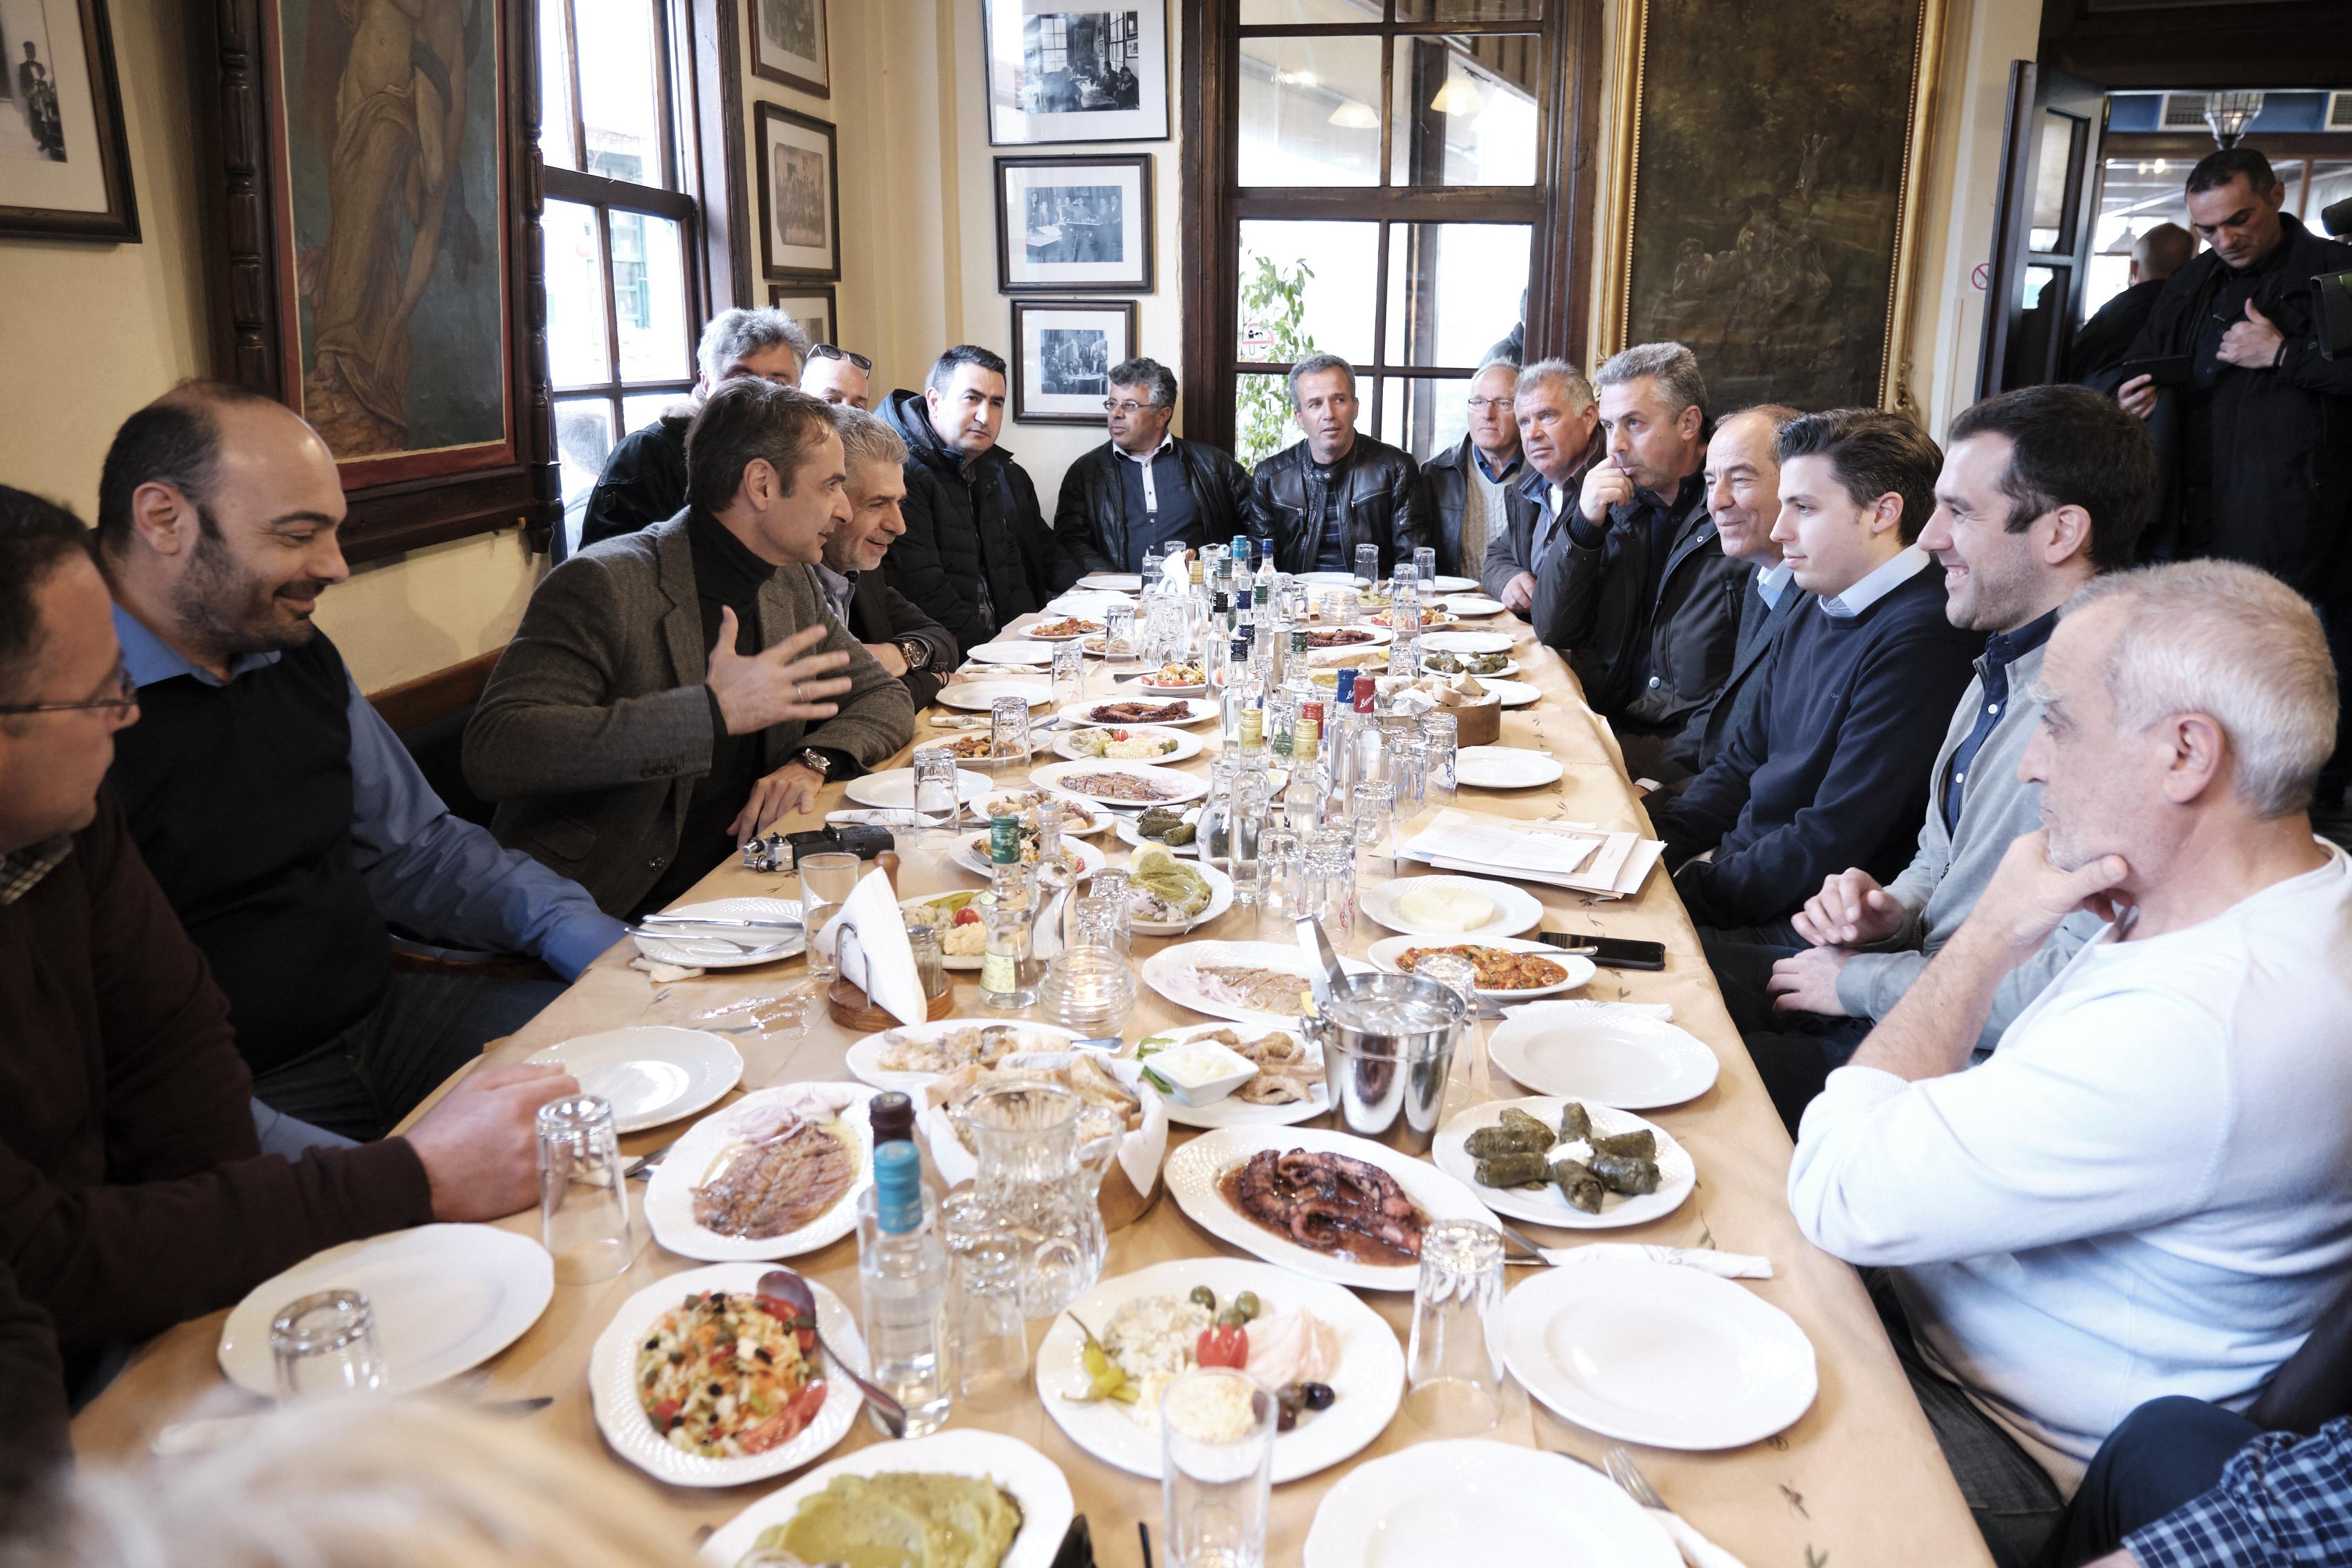 Συνάντηση του Προέδρου της ΝΔ Κ. Μητσοτάκη με παραγωγούς στη Λέσβο